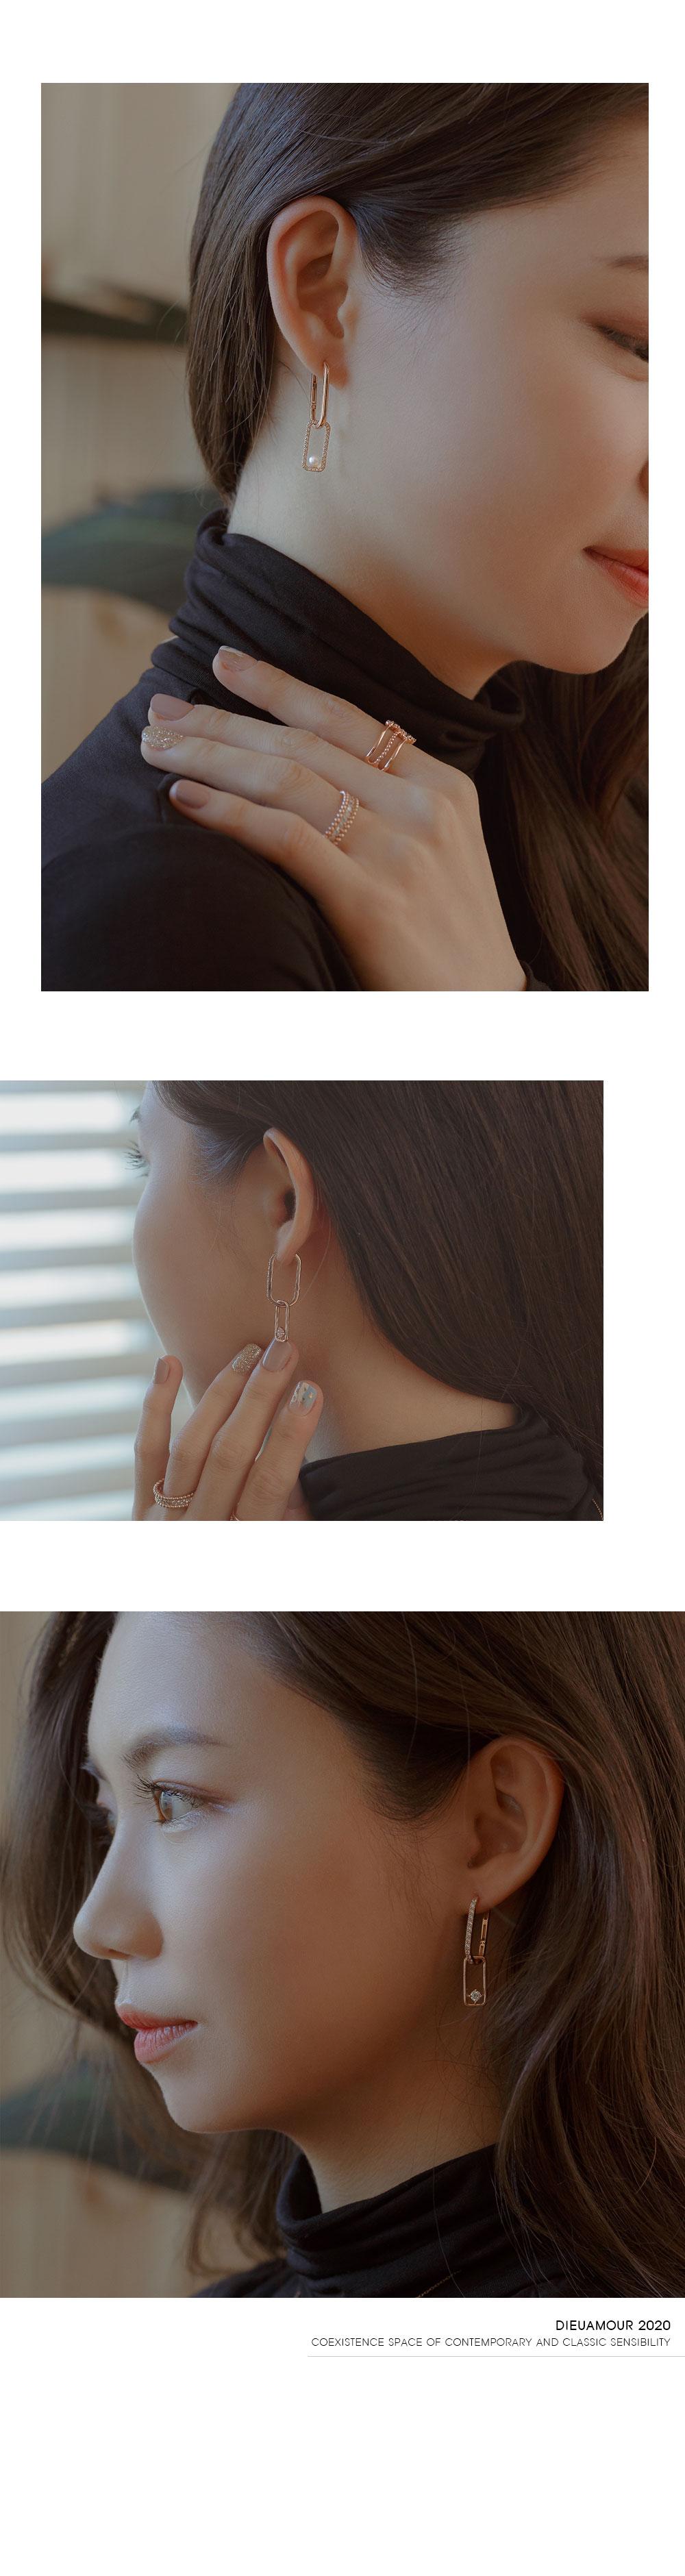 18k 귀걸이 클립 드롭 이어링 - (주)비더블유아이, 604,000원, 골드, 14K/18K